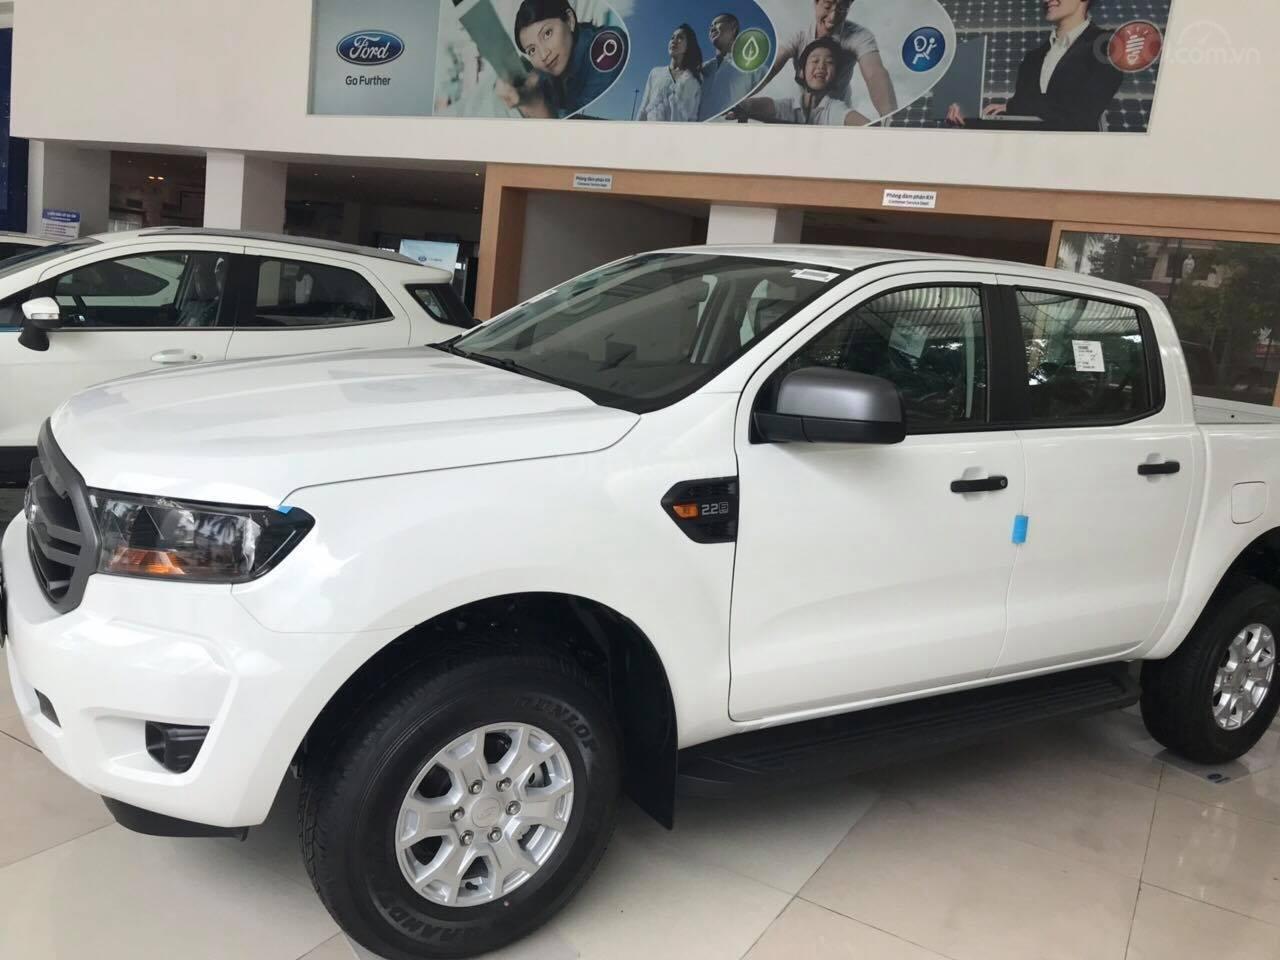 Bán xe Ford Ranger tại Ford Vinh Nghệ An đầy đủ các phiên bản, L/H 0971697666 để nhận ưu đãi-0